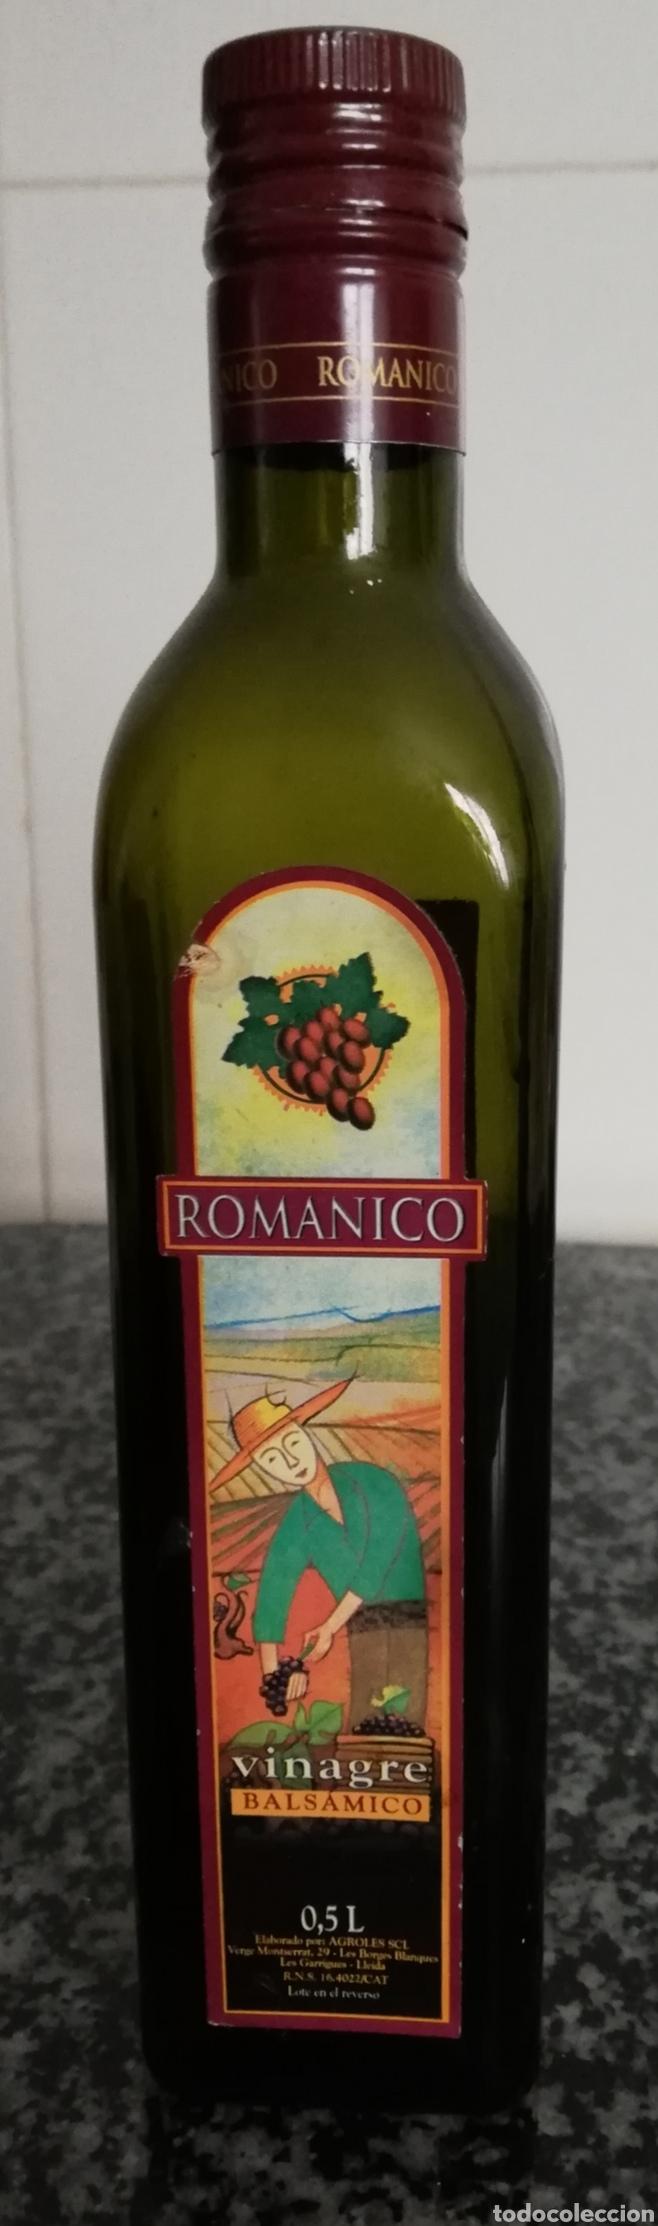 BOTELLA VINAGRE ROMANICO (Coleccionismo - Otras Botellas y Bebidas )